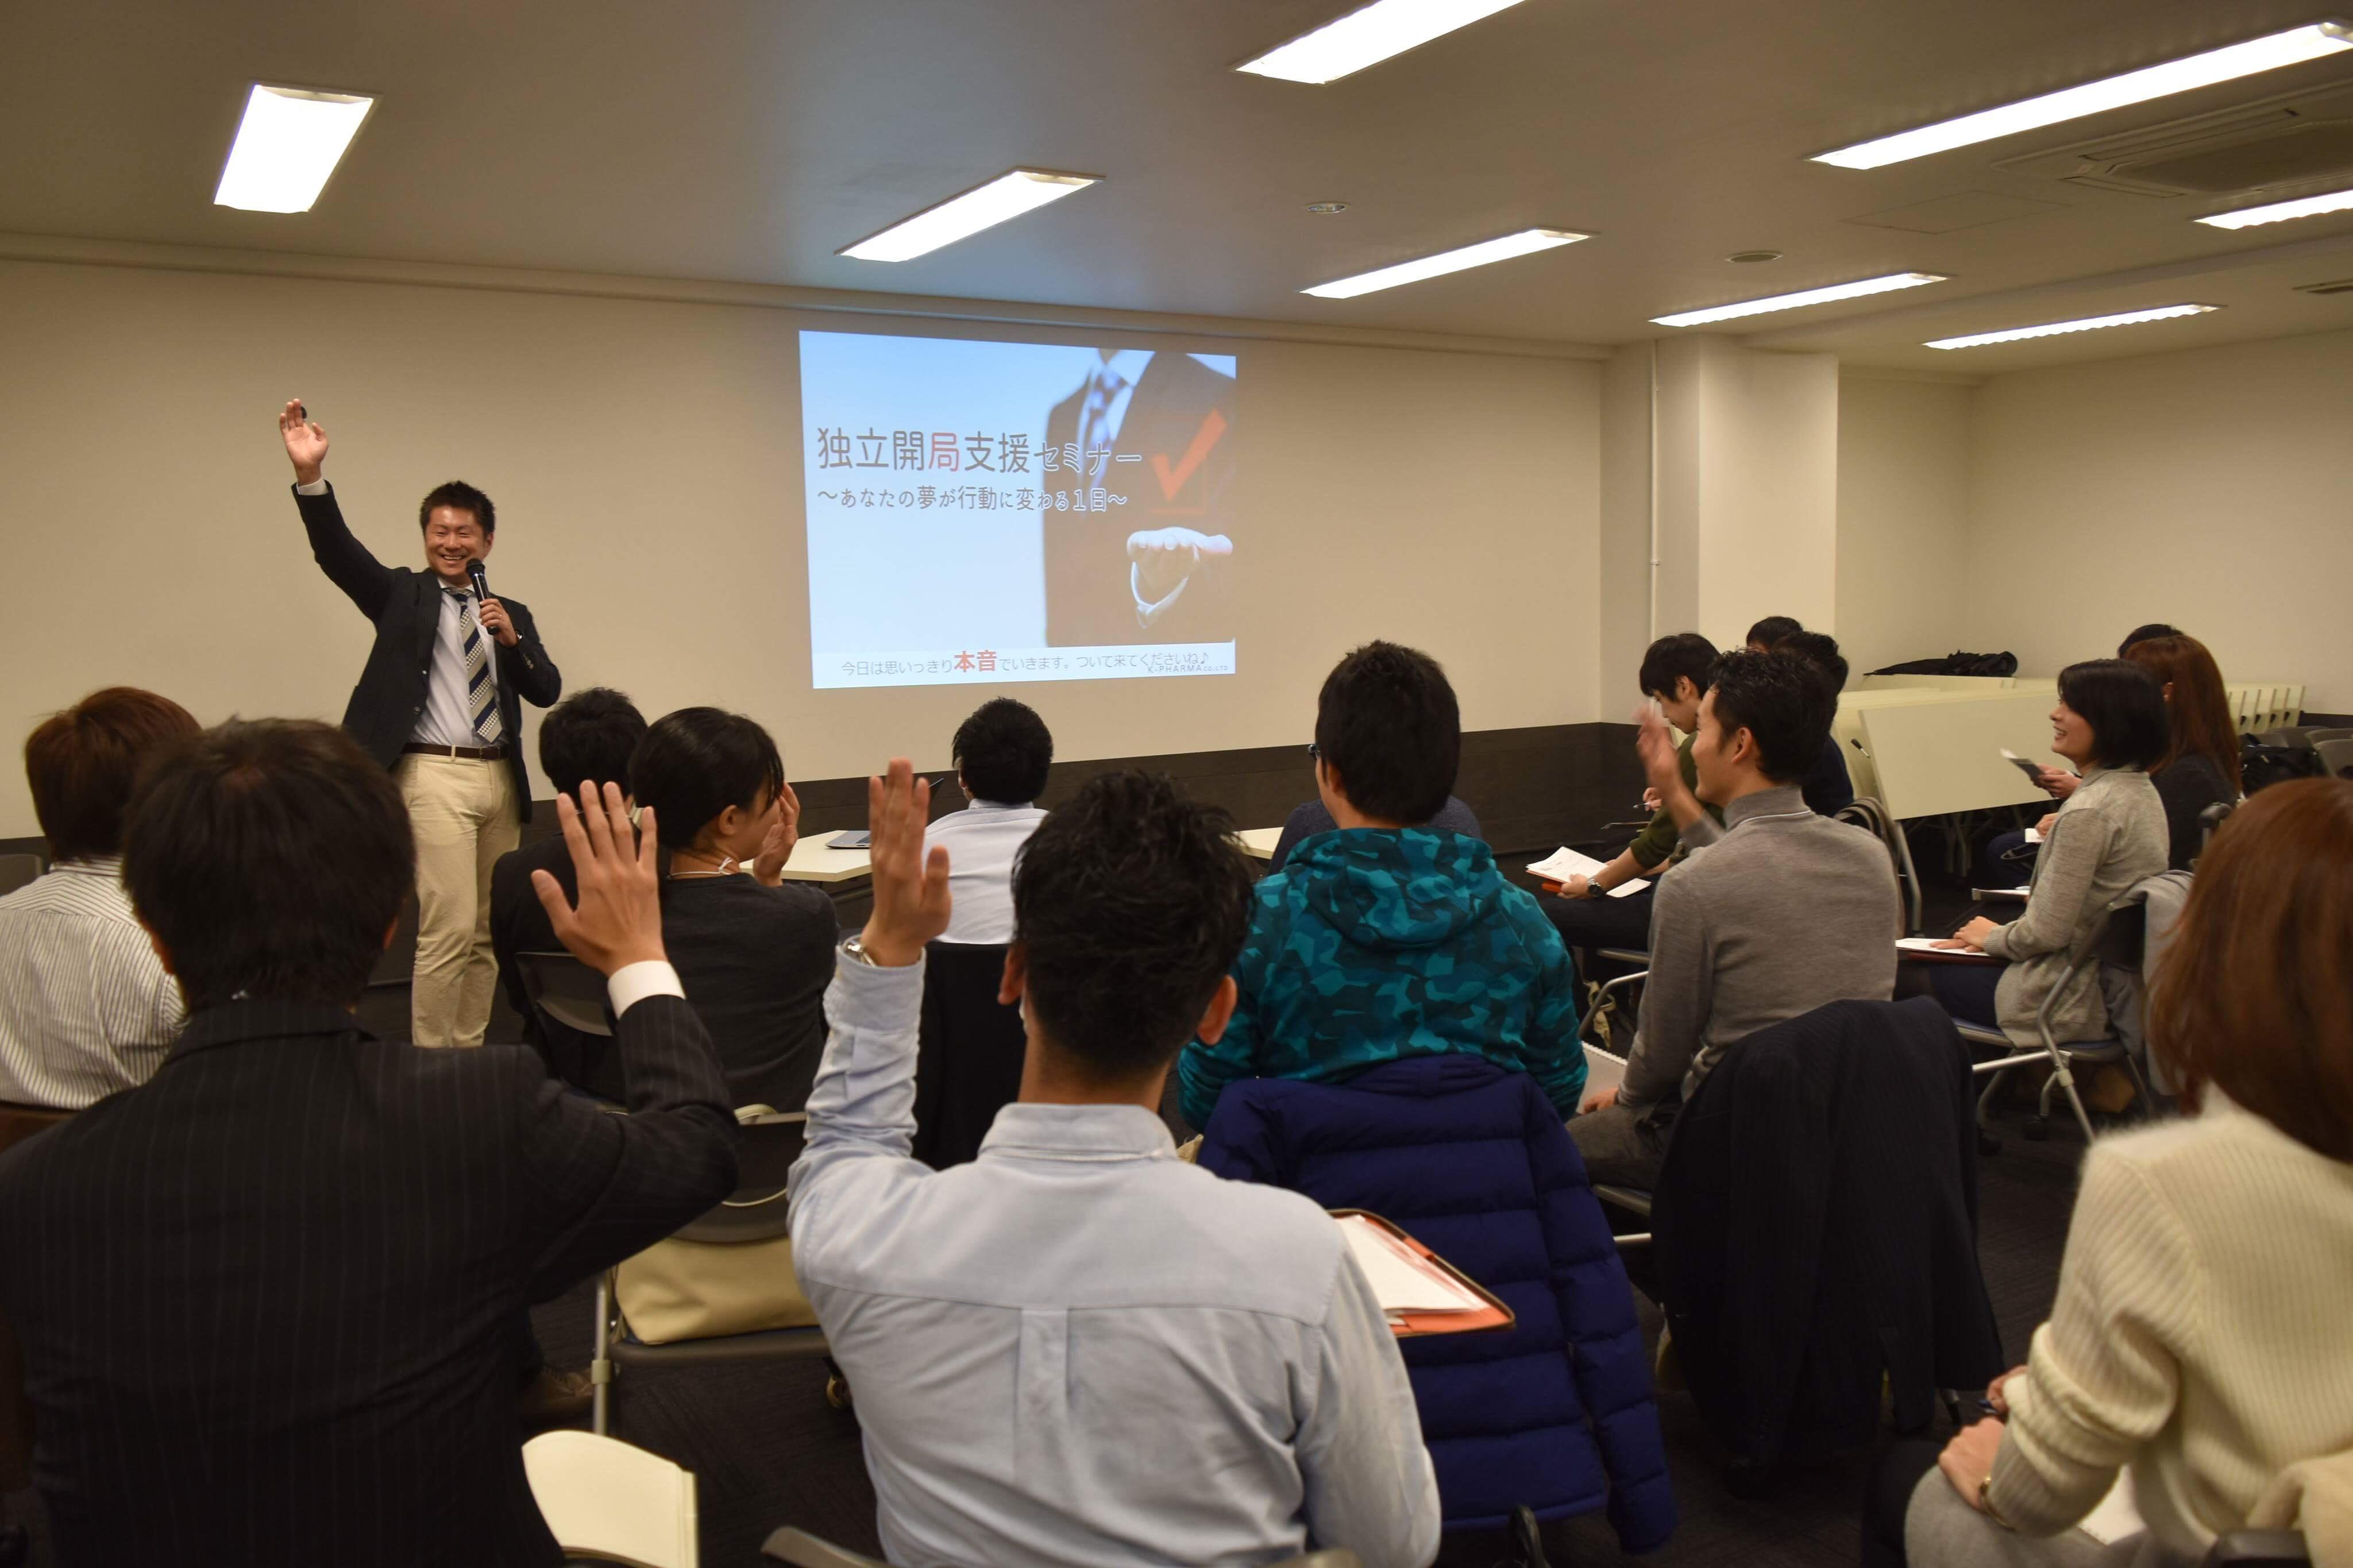 外は寒くても会場はアツイ!独立開局支援セミナー@大阪が開催されました